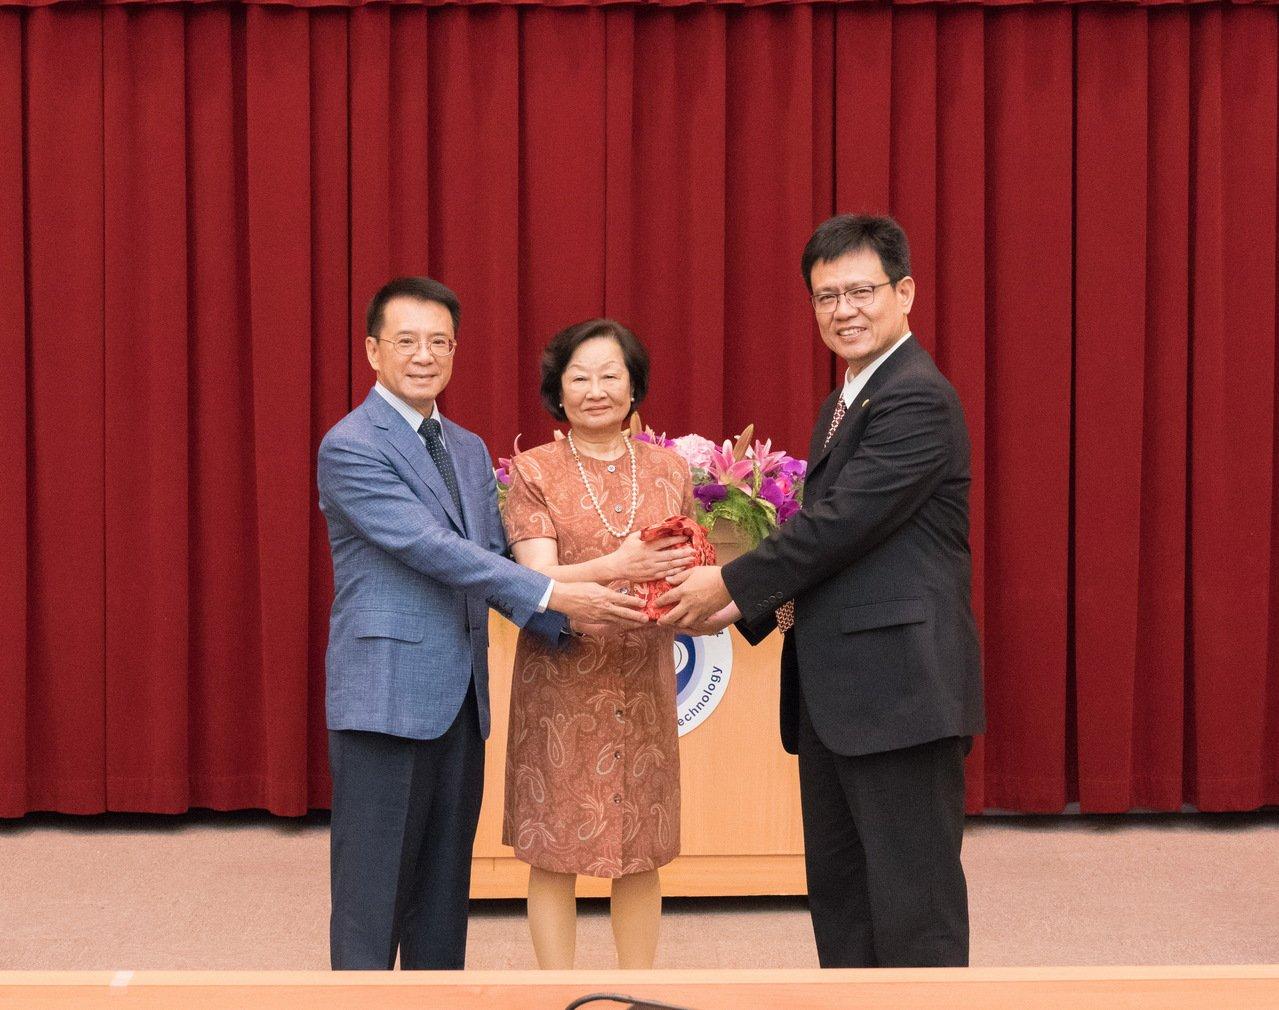 前校長俞明德(右一)就任中國科大新任校長,靜宜大學致上祝賀。圖/靜宜大學提供